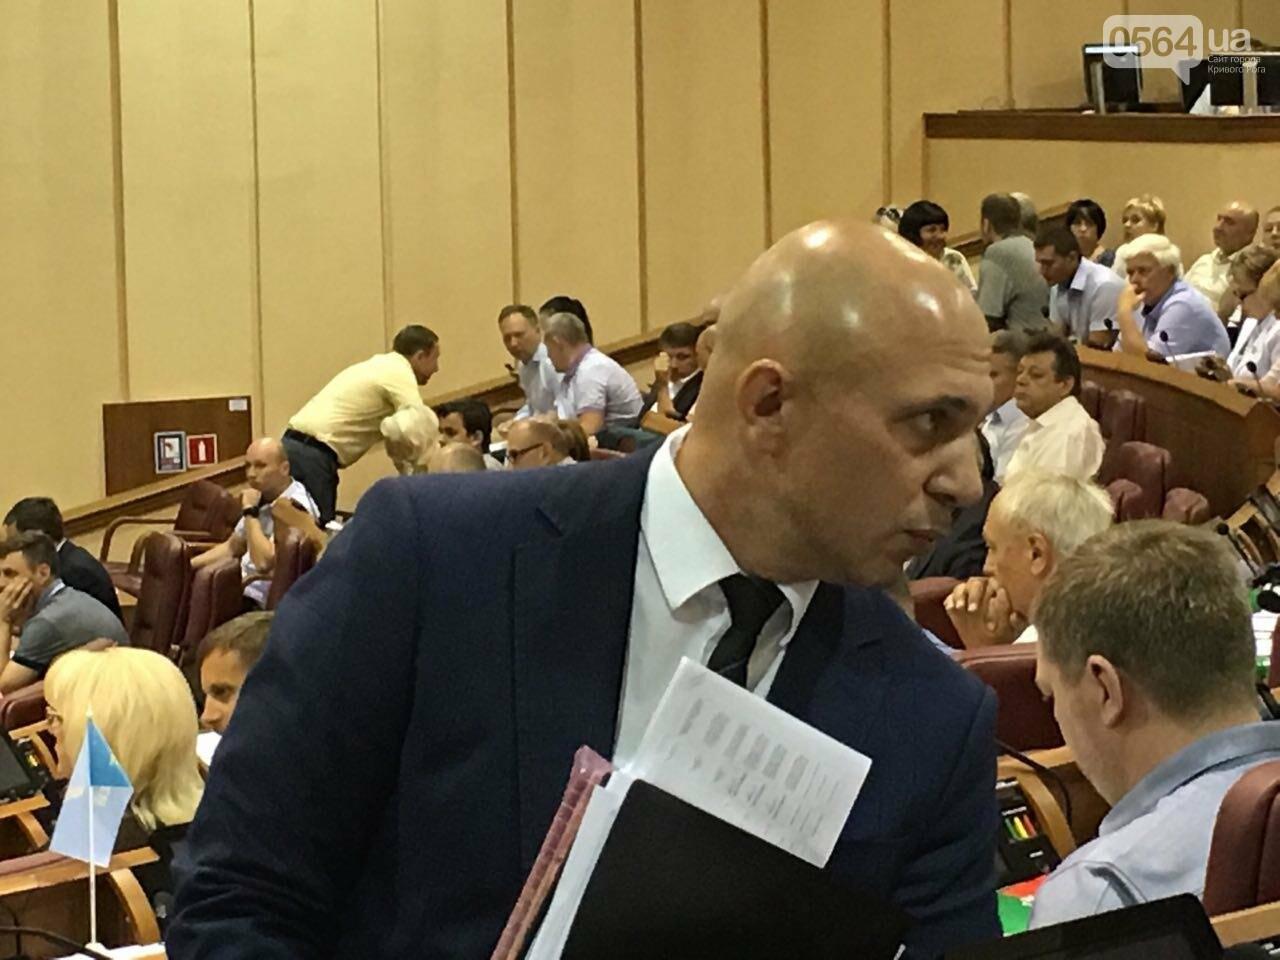 Криворожские депутаты обсудят вопрос премирования мэра и его заместителей, тариф на проезд в маршрутках и поддержку бизнесменов, - ФОТО, фото-10